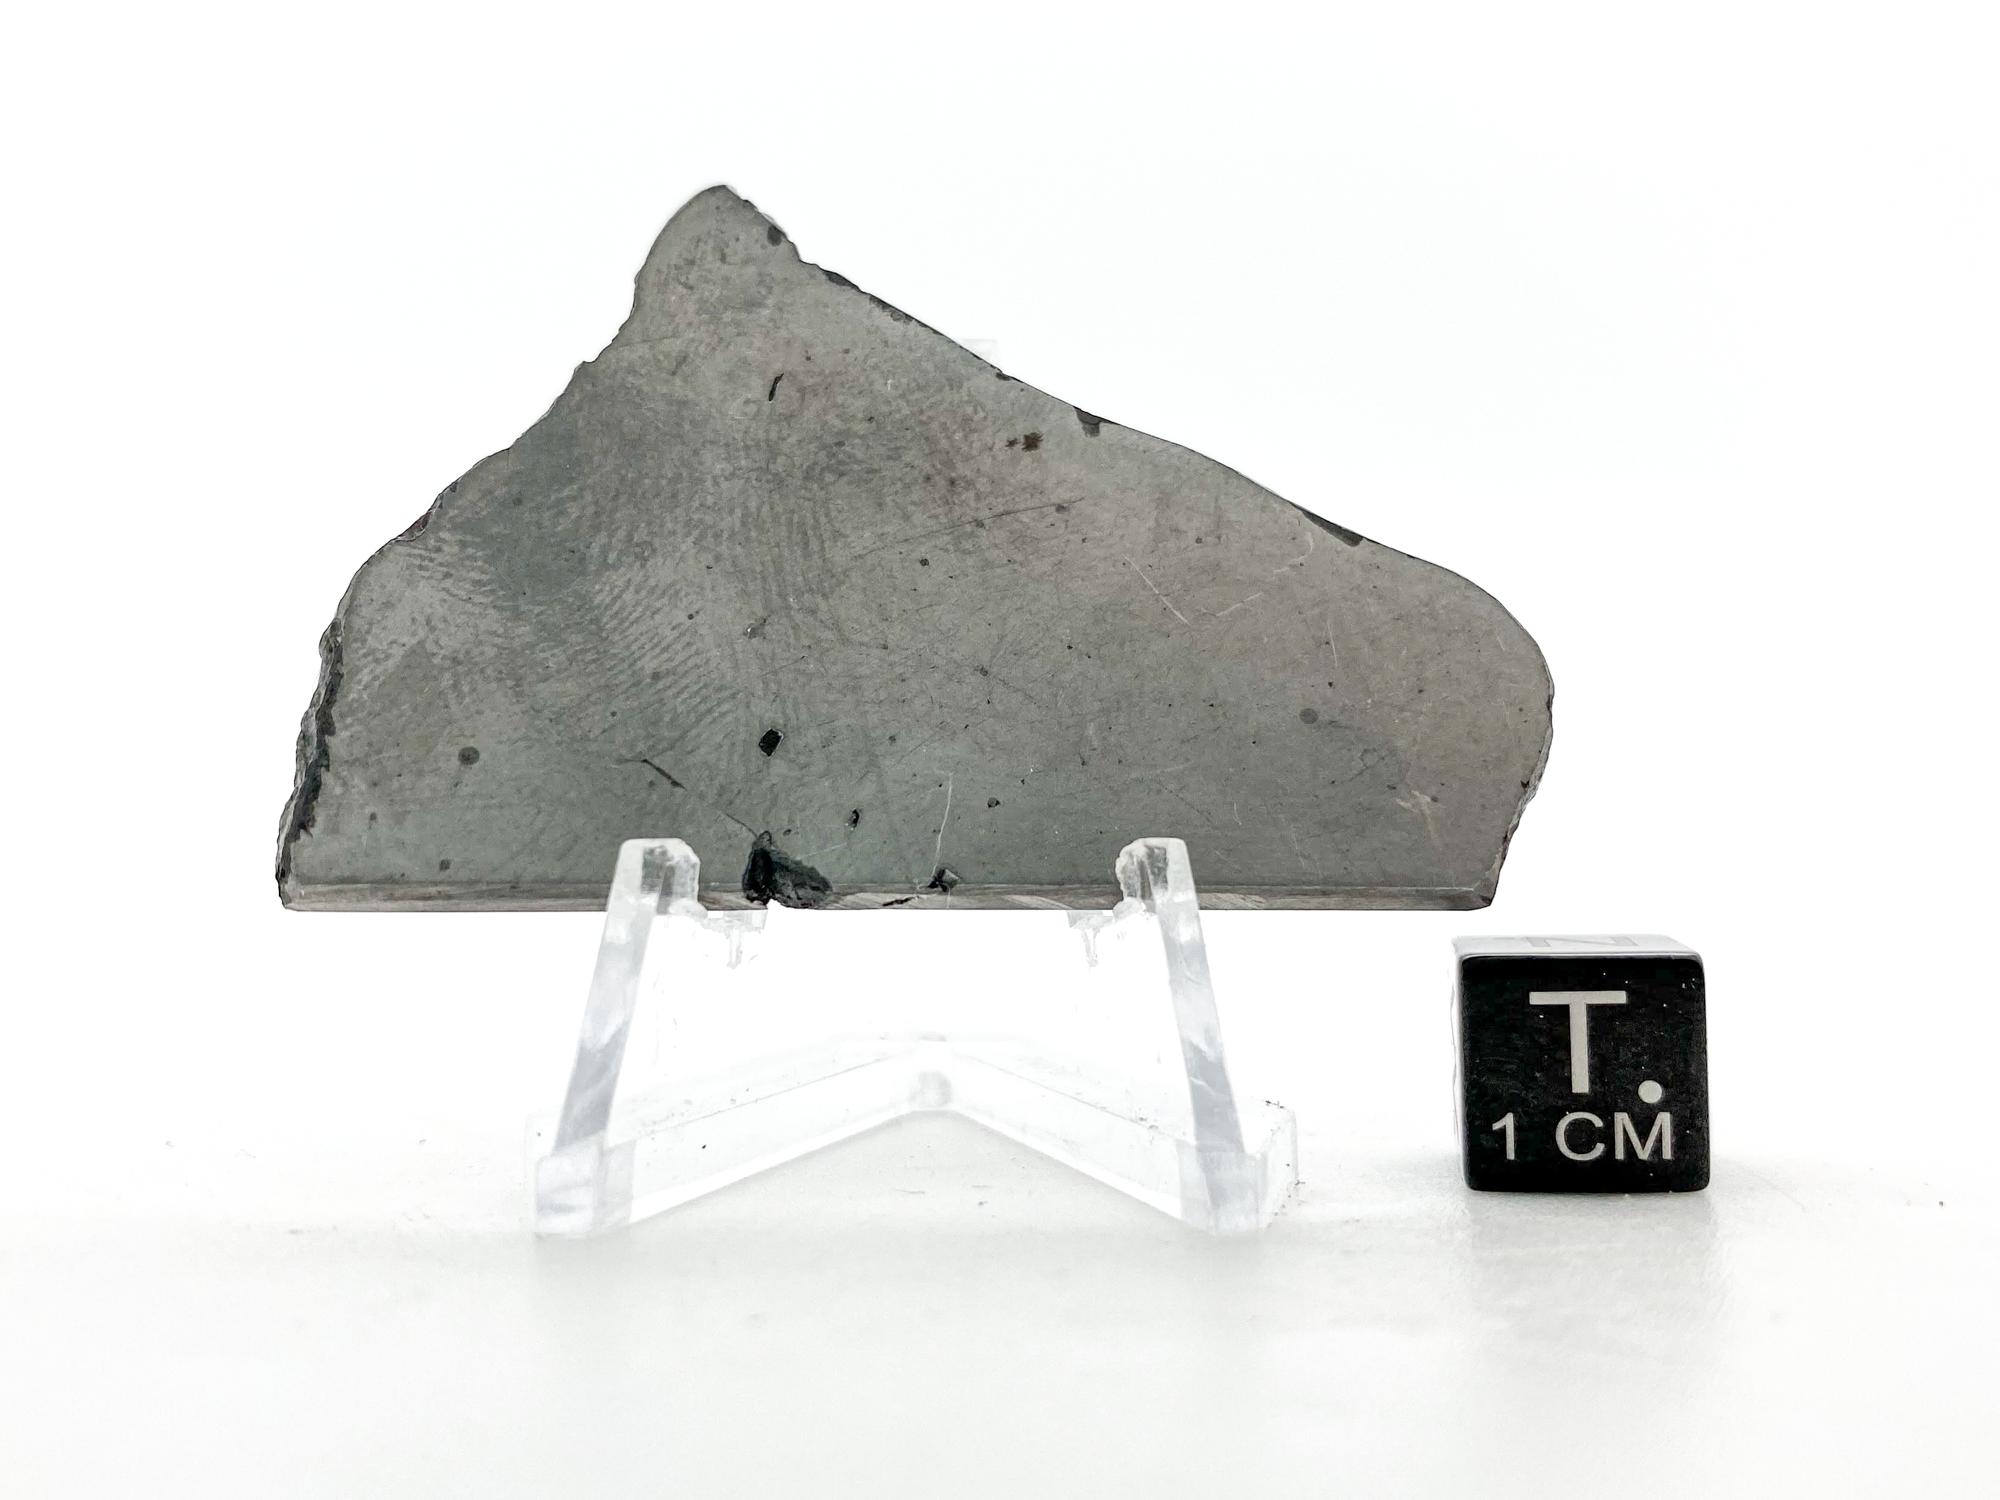 chinga iron meteorite 26 g